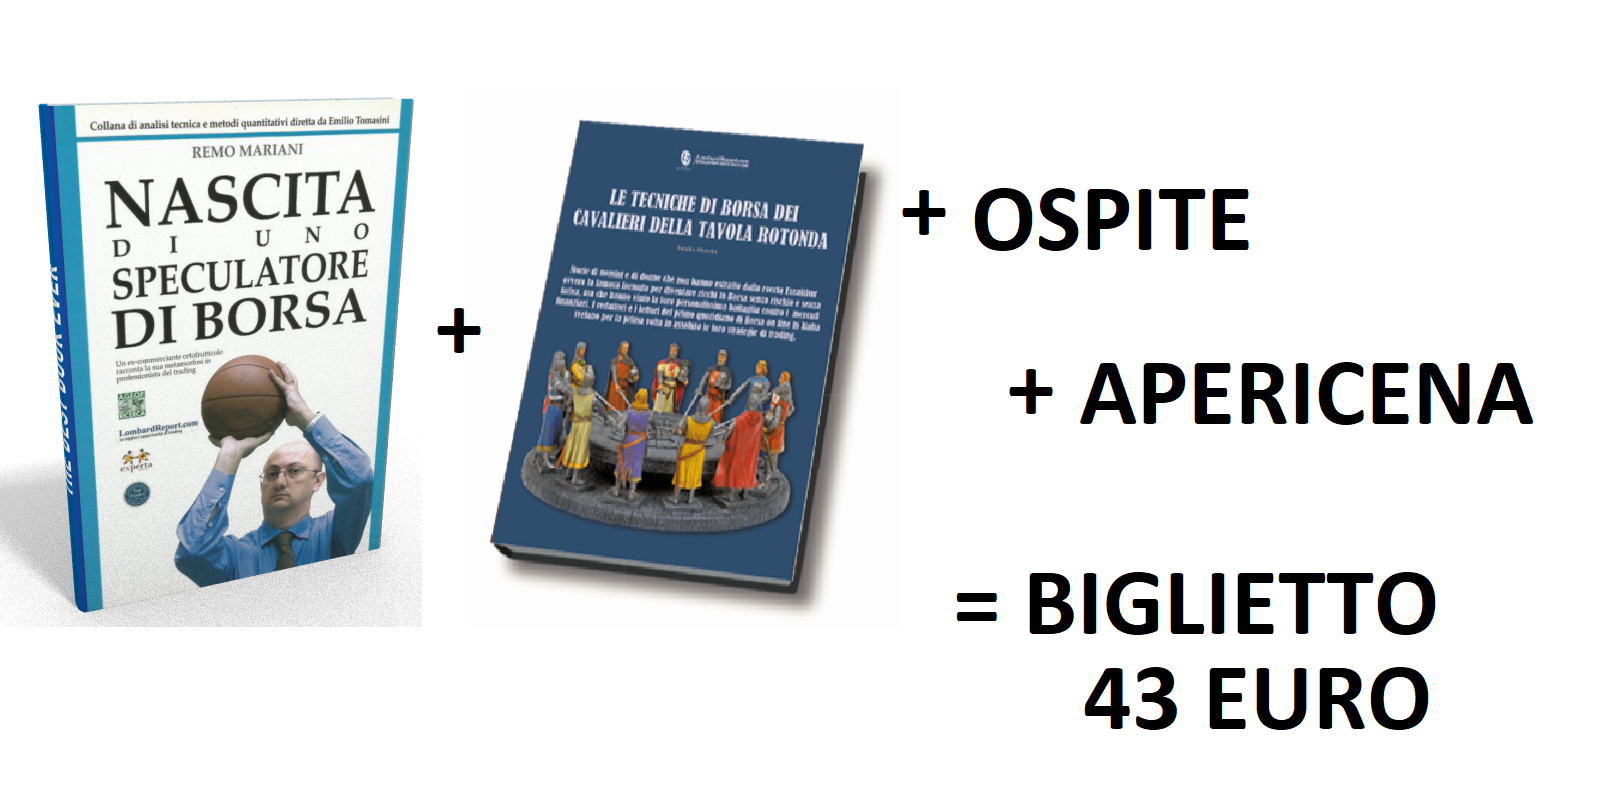 636941831e IL BIGLIETTO DI INGRESSO COSTA 43 EURO MA TI REGALIAMO 1) il libro scritto  dai redattori e lettori Lombard sulle loro strategie (50 EURO)